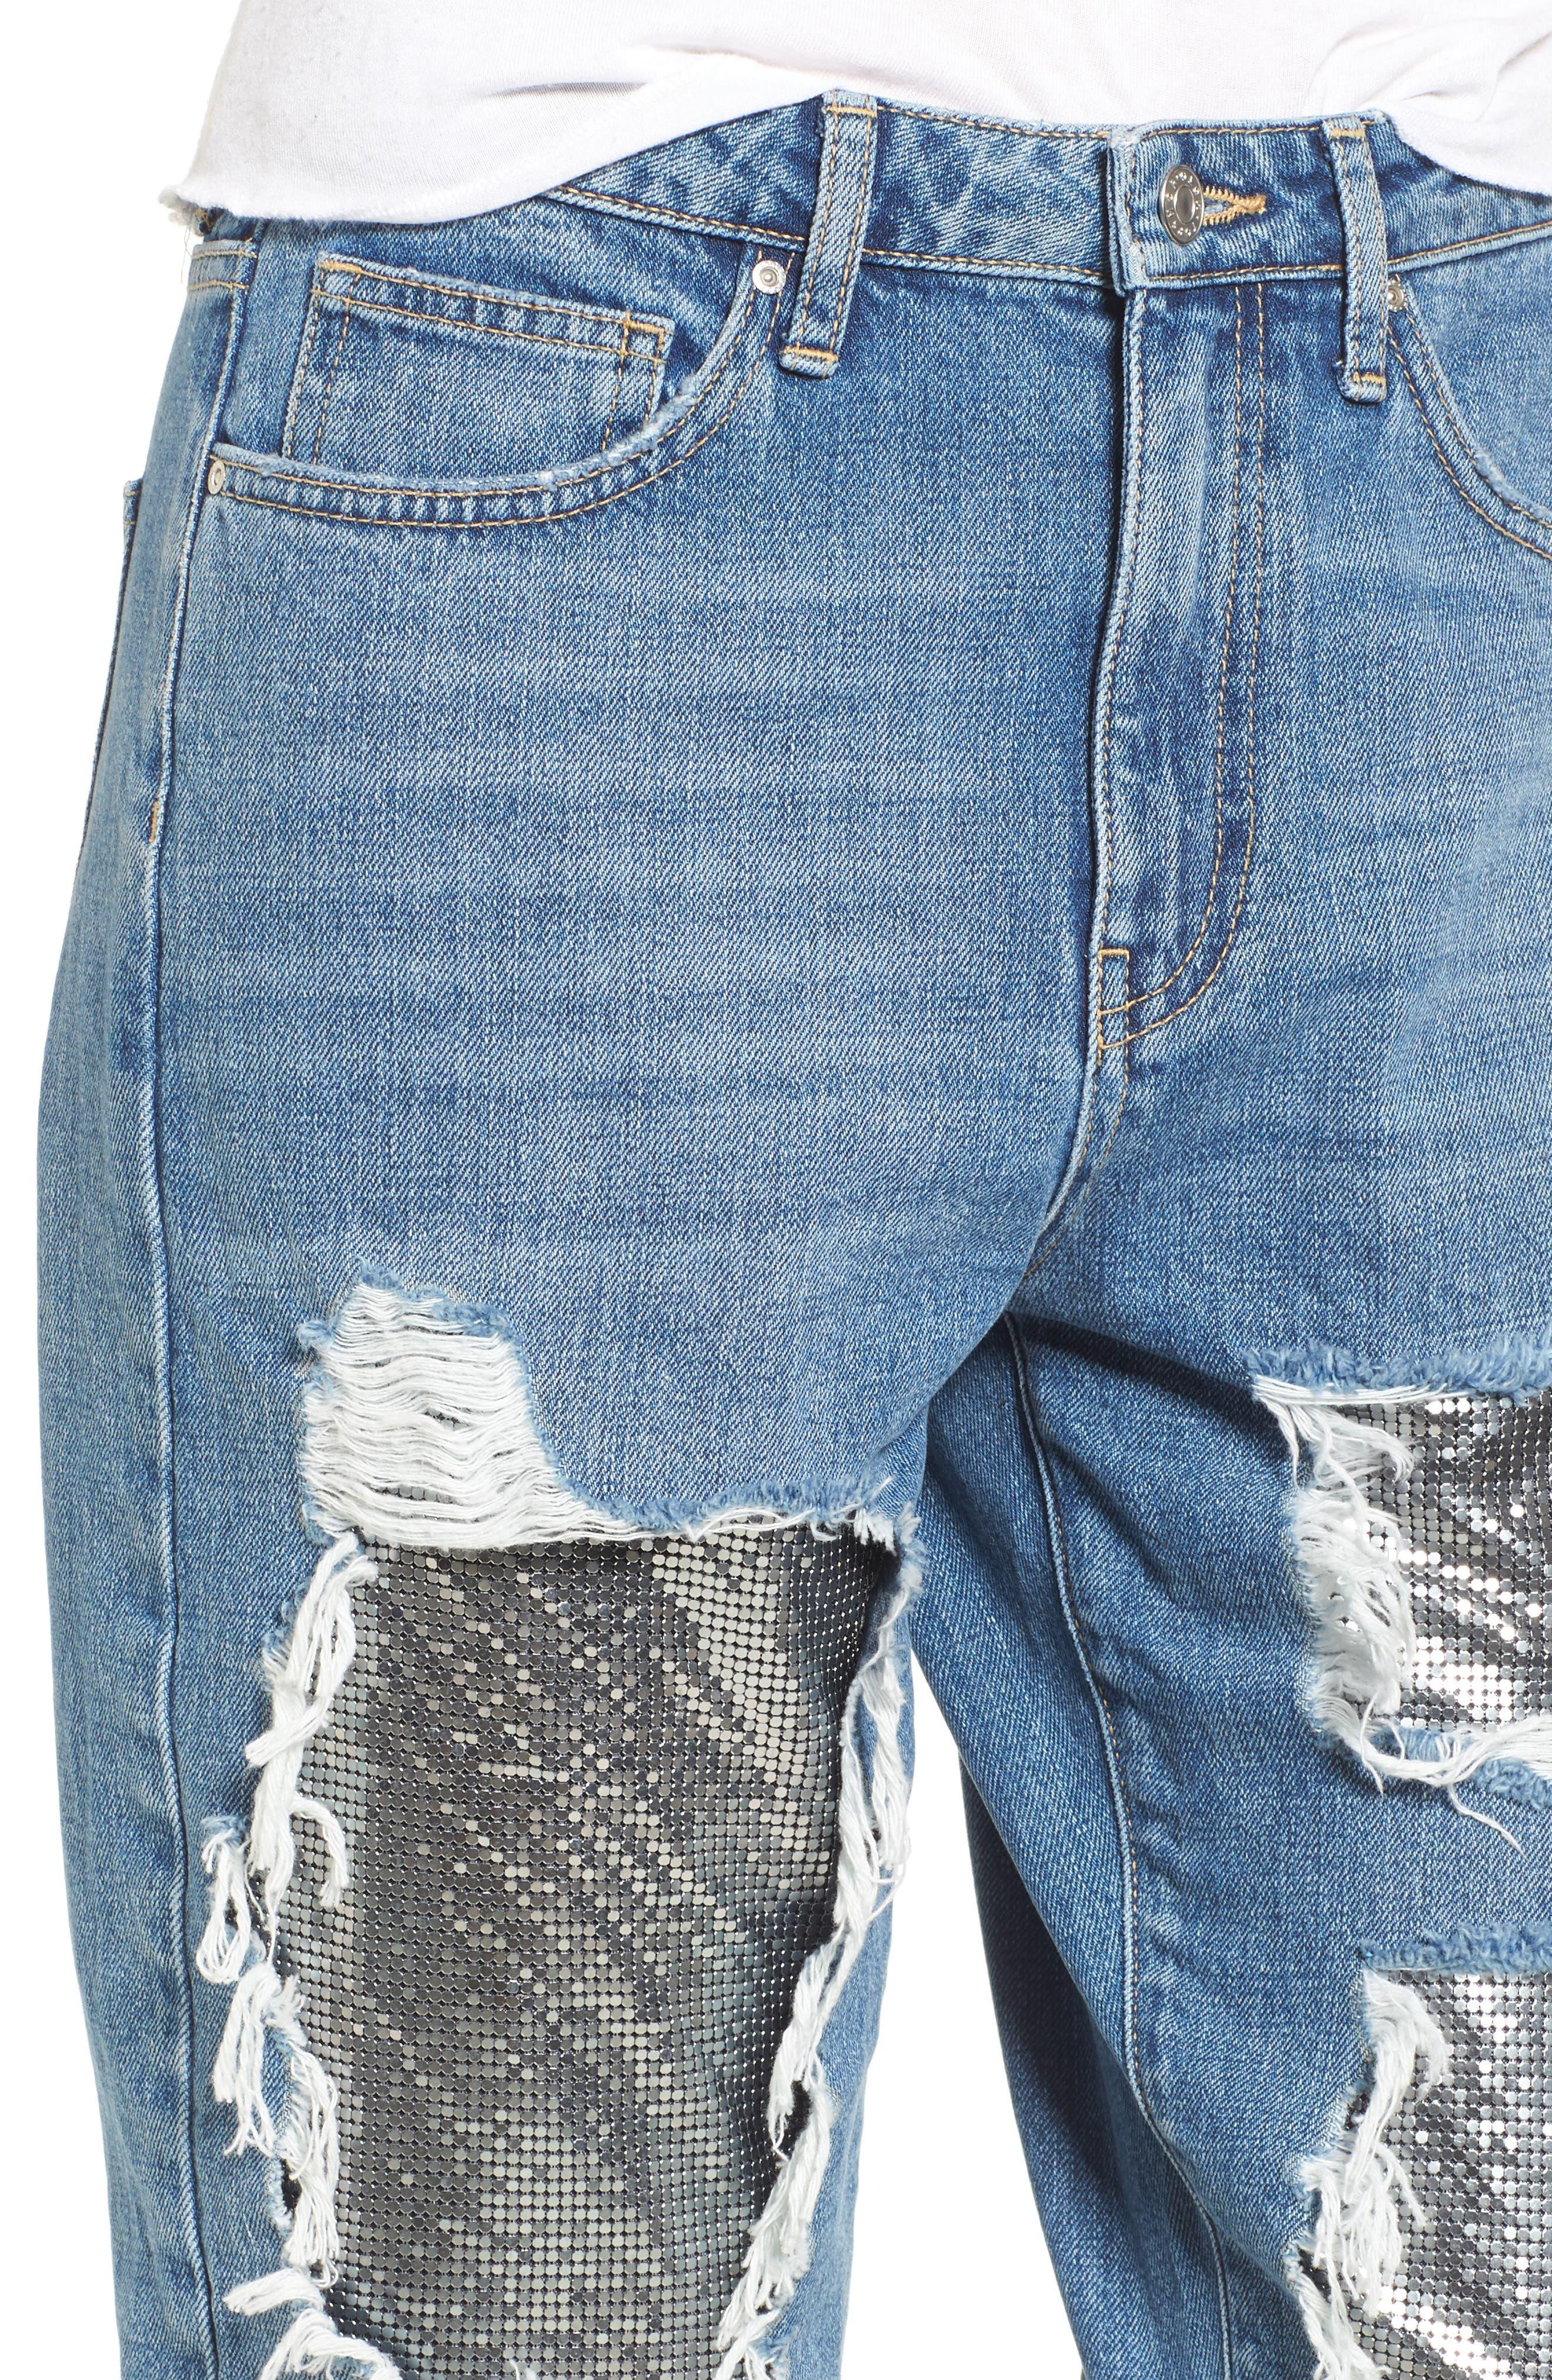 Chain Mail Boyfriend Jeans,                             Alternate thumbnail 4, color,                             460